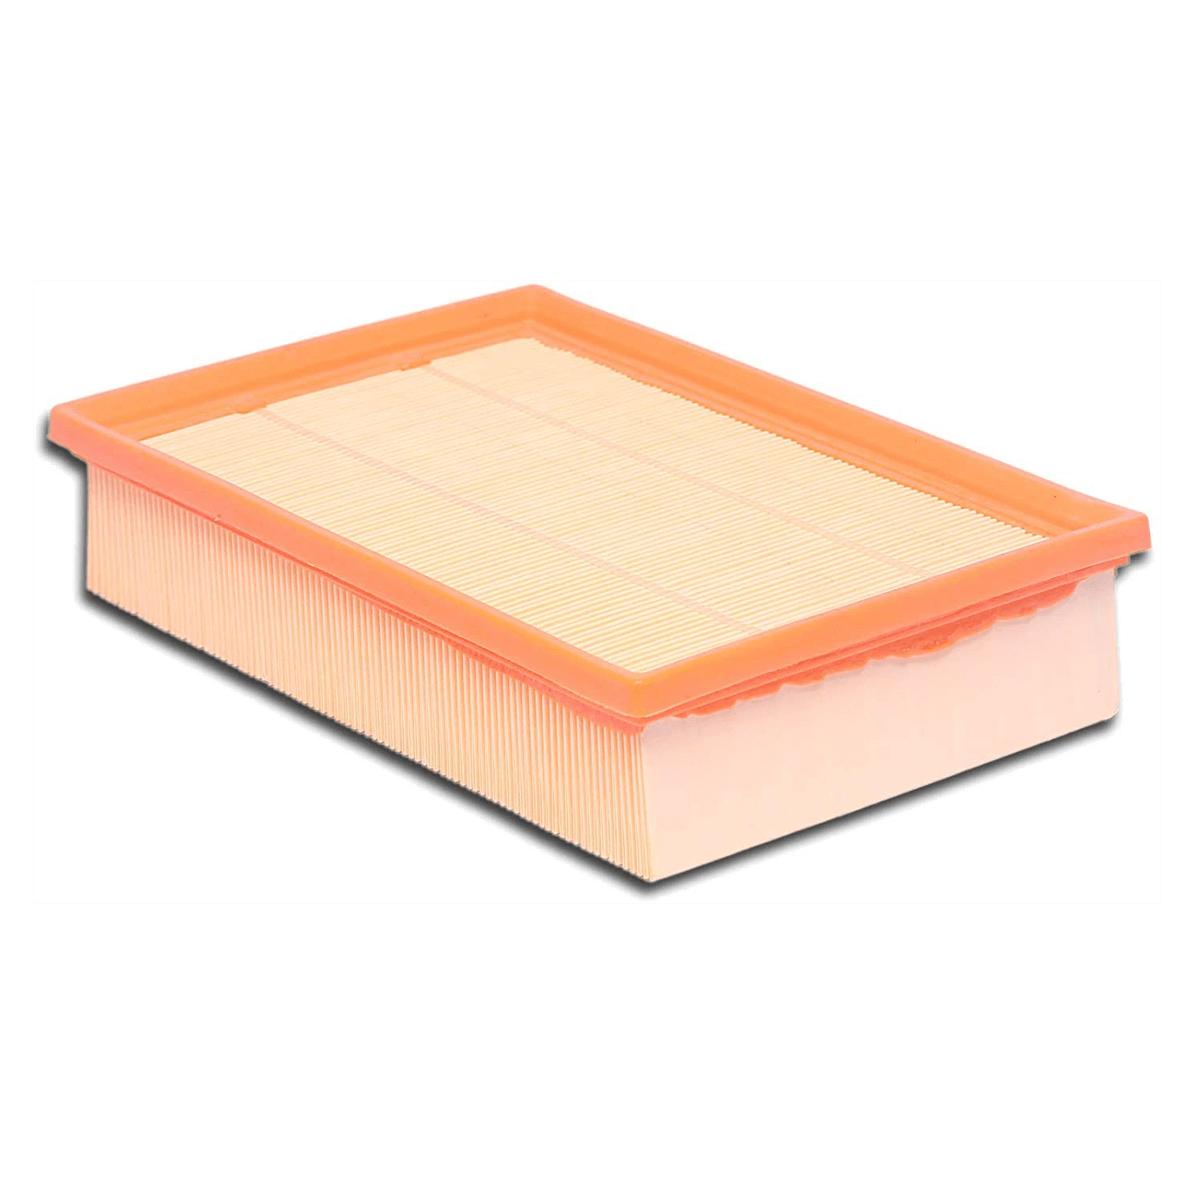 Filtro de Ar Wega FAP4845 / Tecfil ARL5816 em até 6x sem juros